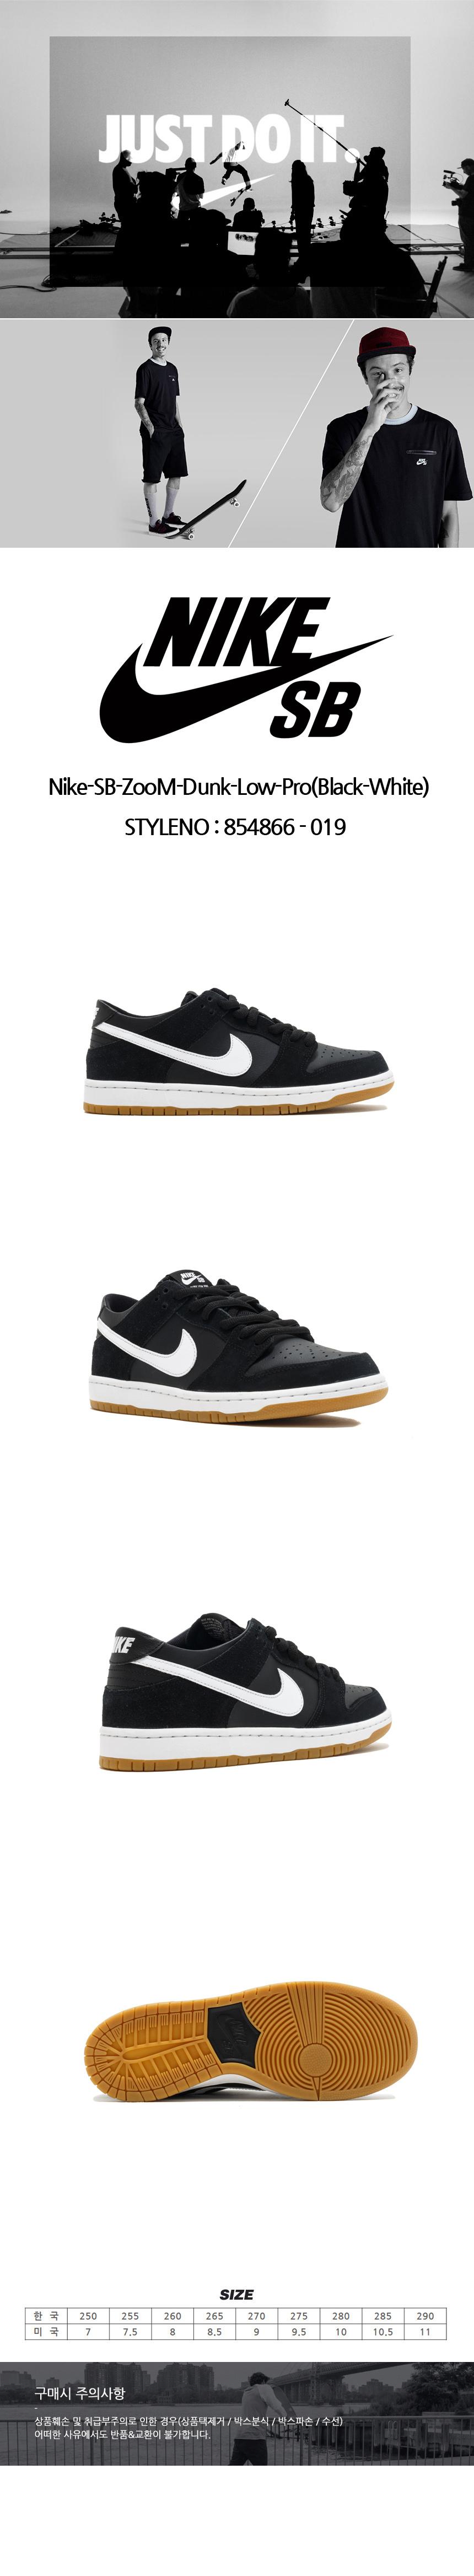 나이키(NIKE) Nike-SB-ZooM-Dunk-Low-Pro(Black-White)